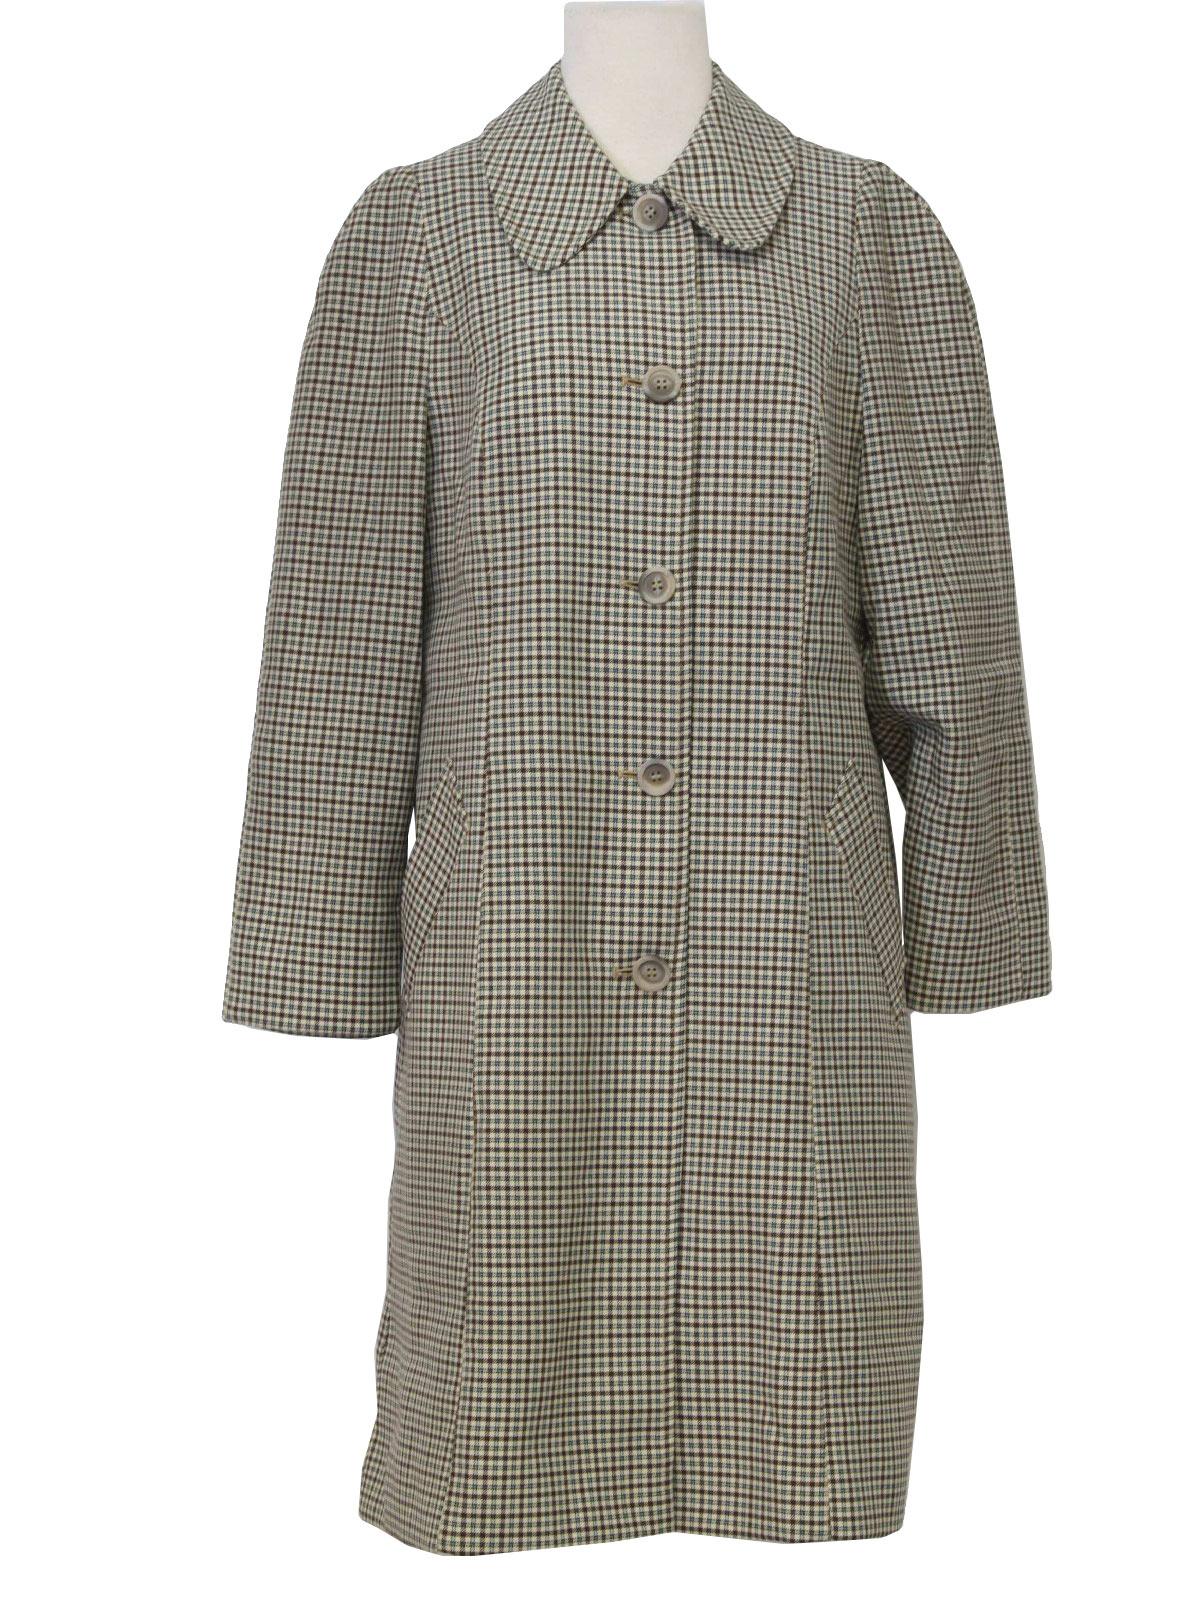 Vintage London Fog 1960s Jacket: 60s -London Fog- Mens white